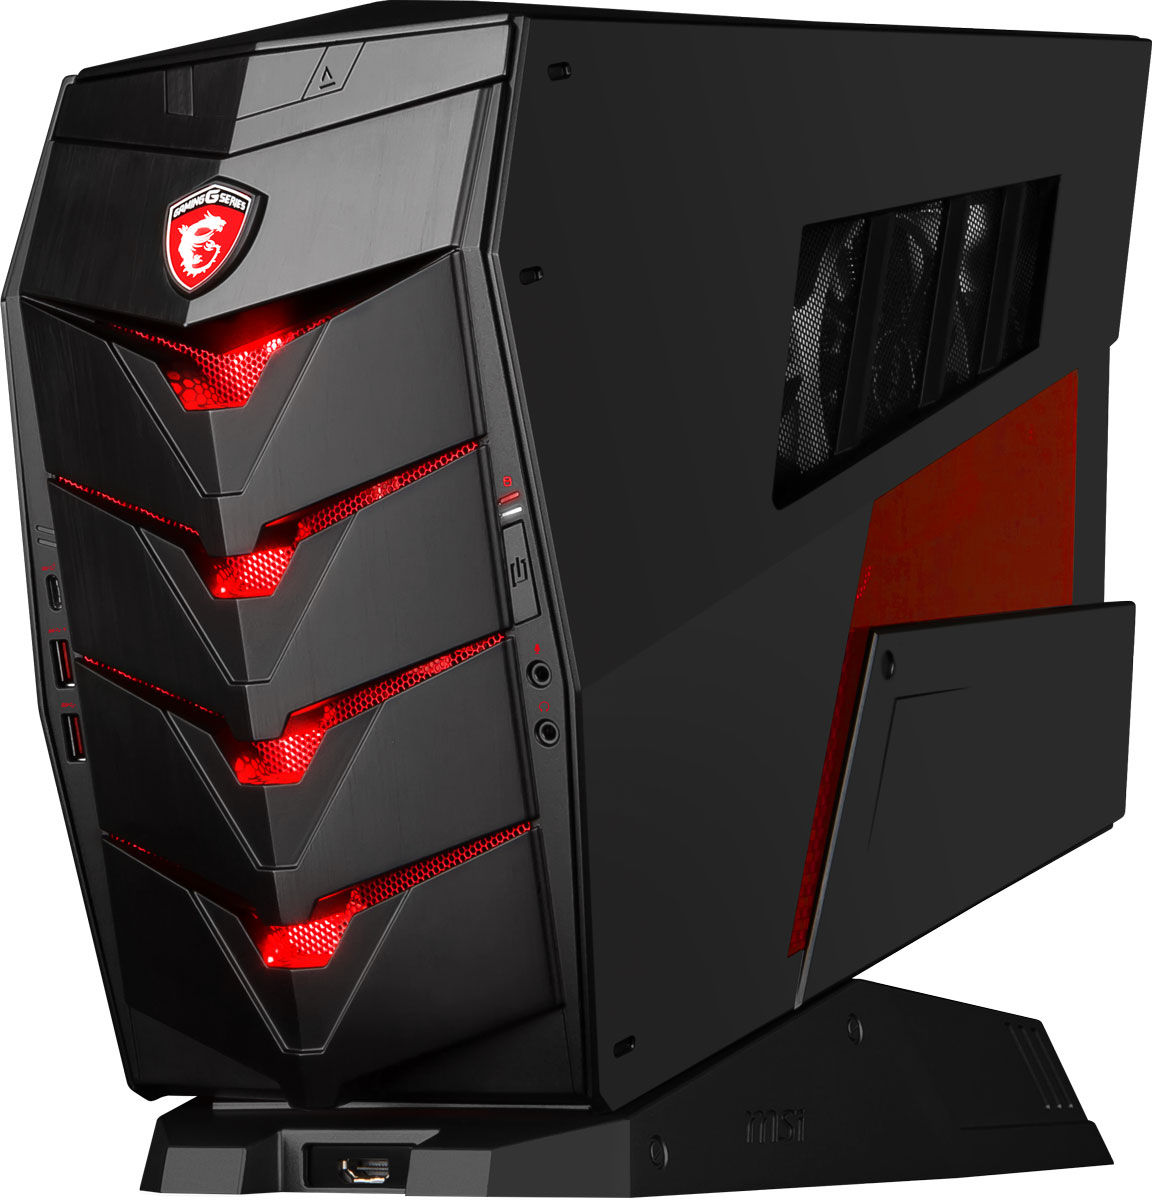 MSI Aegis X-045RU, Black настольный компьютер9S6-B90211-045Наслаждайся максимальной красотой новинок игрового мира с MSI Aegis X, ведь этот компактный десктоп комплектуется новейшей графической картой GeForce GTX 1070.Сердцем Aegis X стал мощный разблокированный процессор Intel Core i7-6700K, который вы сможете разогнать без использования сложных приложений – даже корпус открывать не придётся. Одно нажатие Кнопки Дракона на передней панели Aegis X, и внутренние компоненты придут в режим повышенной производительности. Это заставит игры и другие ресурсоёмкие задачи работать ещё более плавно, чем в нормальном режиме.Благодаря новой архитектуре процессоров 6-го поколения Intel Core, реализована поддержка высокоскоростных модулей памяти DDR4 с частотой 2133МГц. Двухканальная архитектура DDR4-2133 обеспечивает прирост производительности на 33% по сравнению с двухканальной работой памяти DDR3-1600.Добавьте уникальности вашему Aegis X с помощью подсветки Mystic Light. Пылающий огонь или холодный лед - все в ваших руках! По вашему вкусу вы можете выбрать из палитры любой цвет. Или используйте эффекты: дыхание, градиент, режимы для игр или прослушивания музыки.Донести аудиосигнал до ушей геймера в исходном качестве – задача не из простых. Специальный аппаратный усилитель Audio Boost, расположенный на материнской плате Aegis X, позволяет добиться наилучшего звучания голоса и музыки, в особенности для геймеров, использующих игровые гарнитуры.Копирование ваших любимых игр и фильмов через USB теперь происходит как никогда быстро. USB 3.1 Gen2 позволяет передавать данные со скоростью до 10Гб/с! Получите все преимущества USB 3.1 Gen2 в сочетании с более удобным разъемом Type-C. Реверсивные коннектор позволяет с легкостью подключать USB устройства.Чтобы добиться выдающейся производительности, инженеры MSI снабдили Aegis X мощной системой охлаждения Silent Storm Cooling 2 Pro. Два отдельных блока Aegis X охлаждаются независимыми воздушными потоками. Вы сможете даже установить жидкост